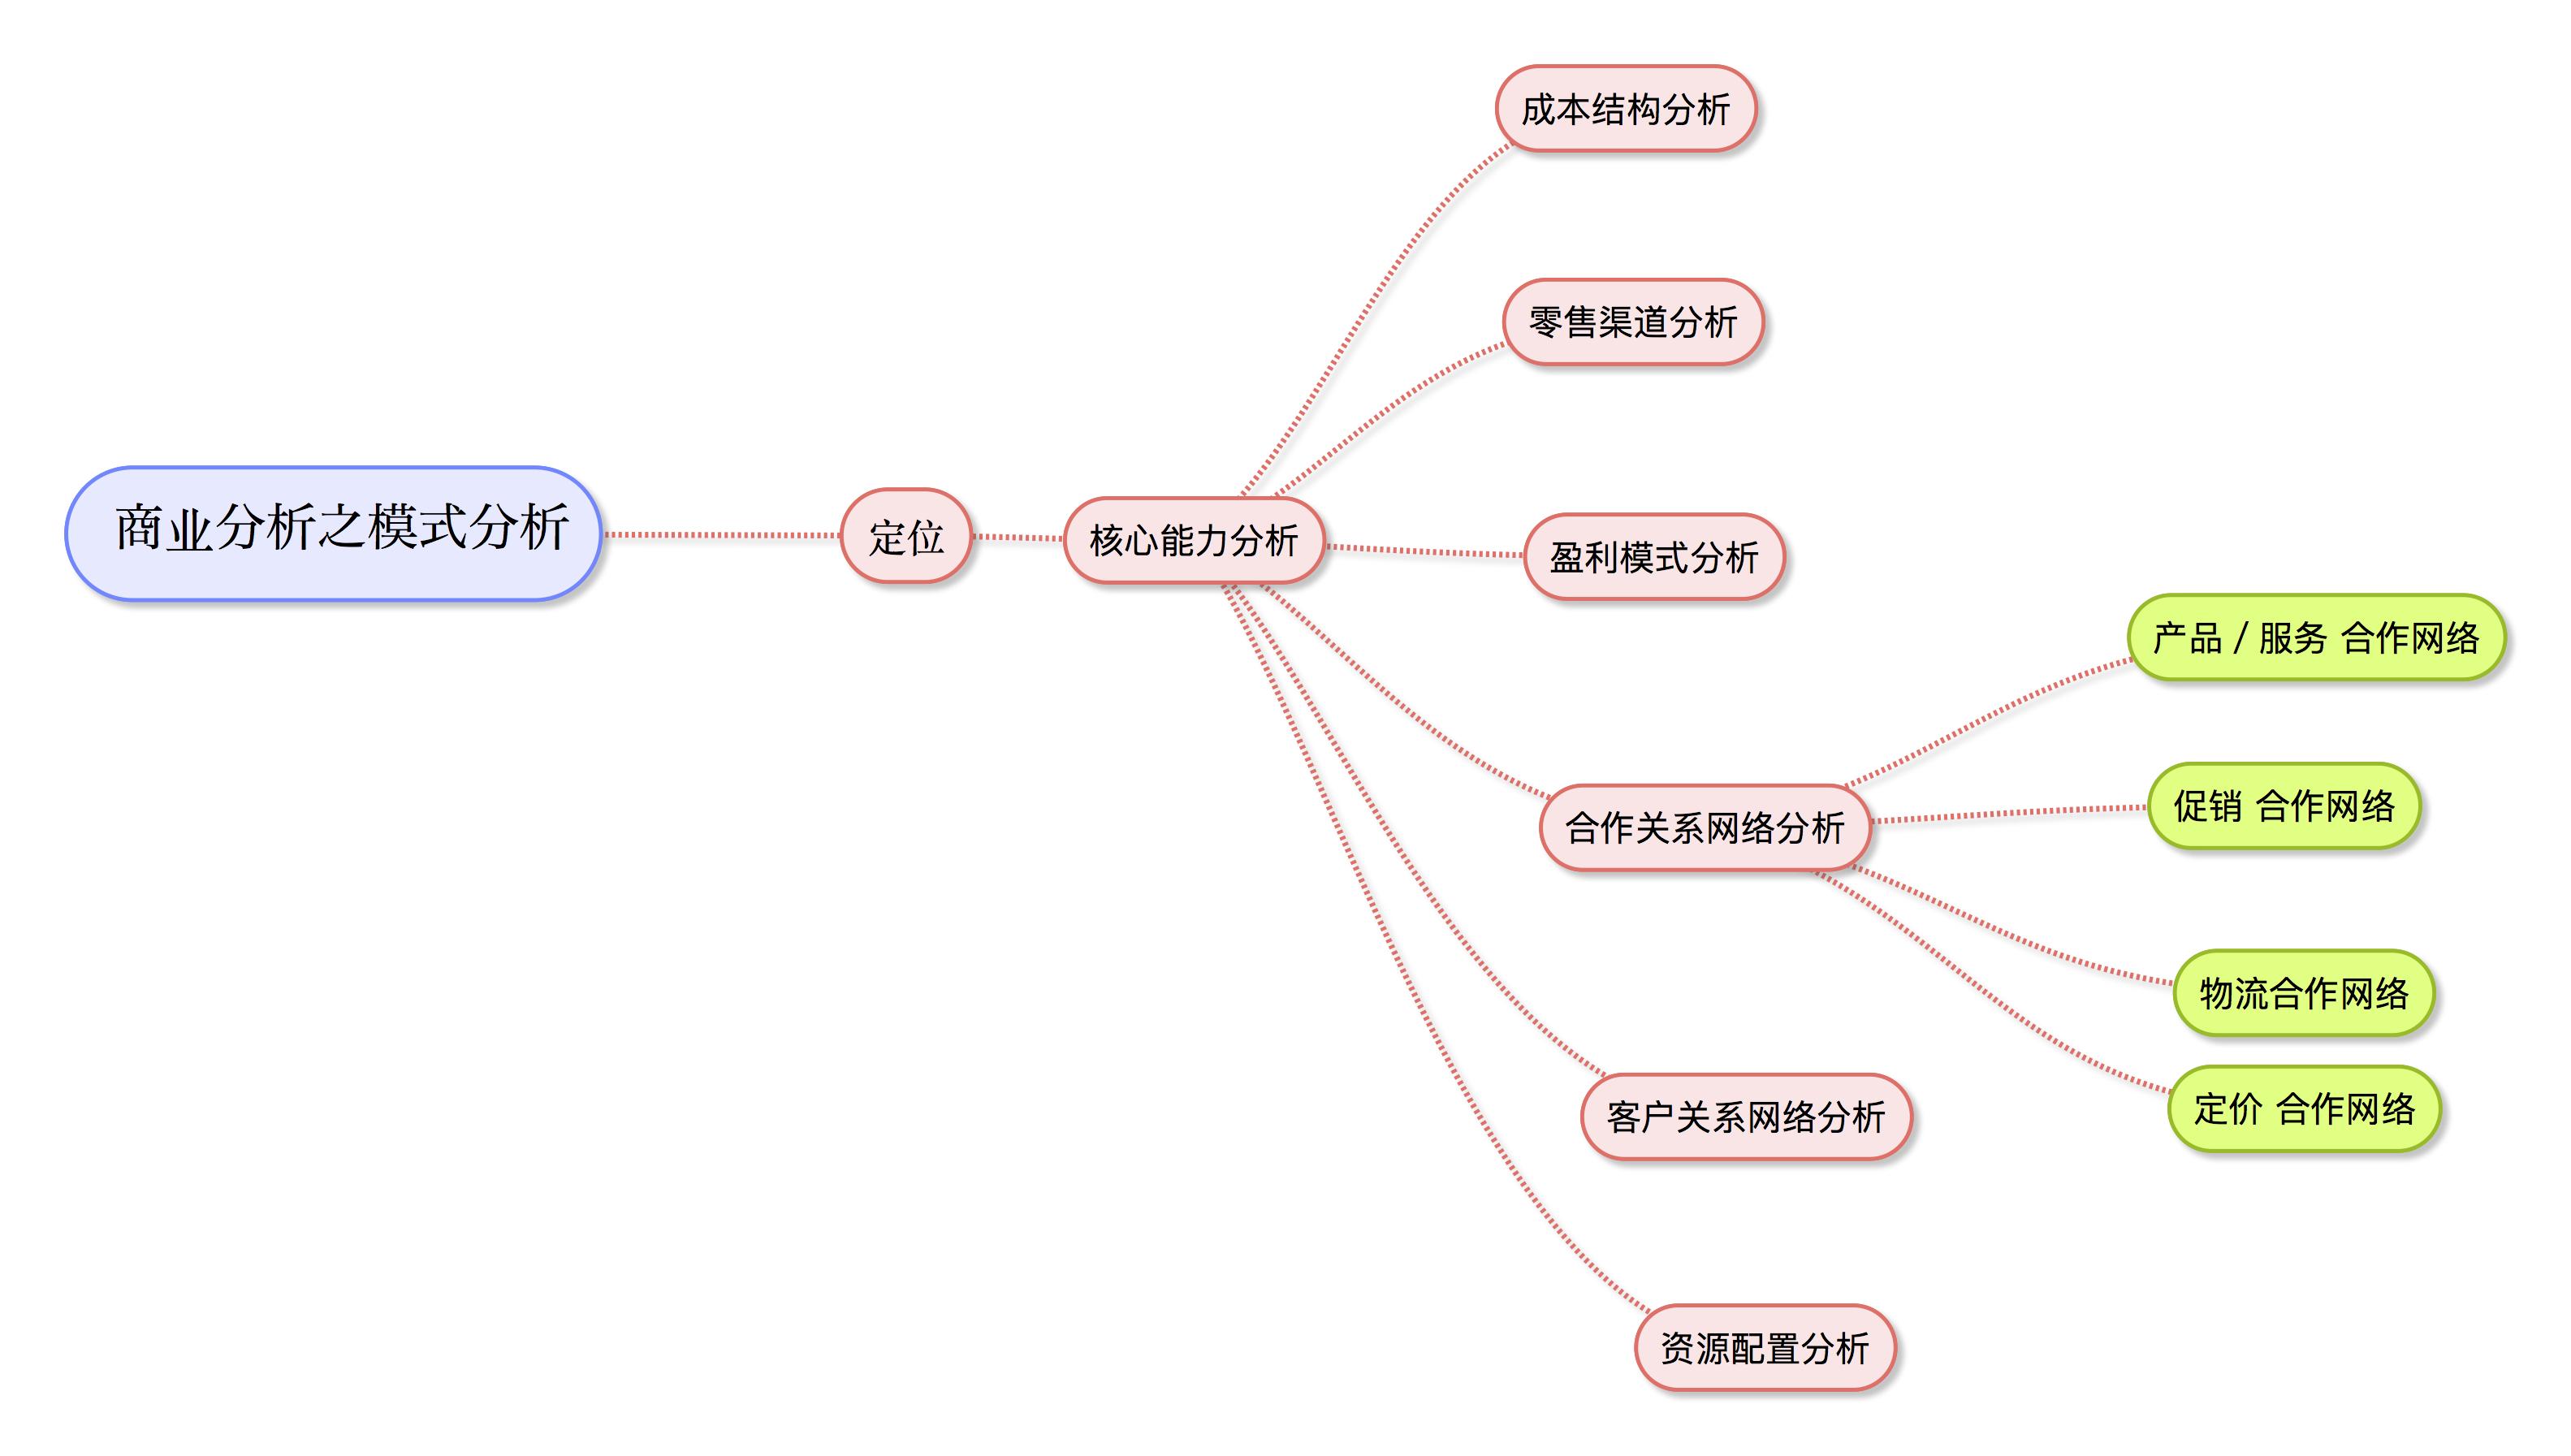 商业分析之模式分析